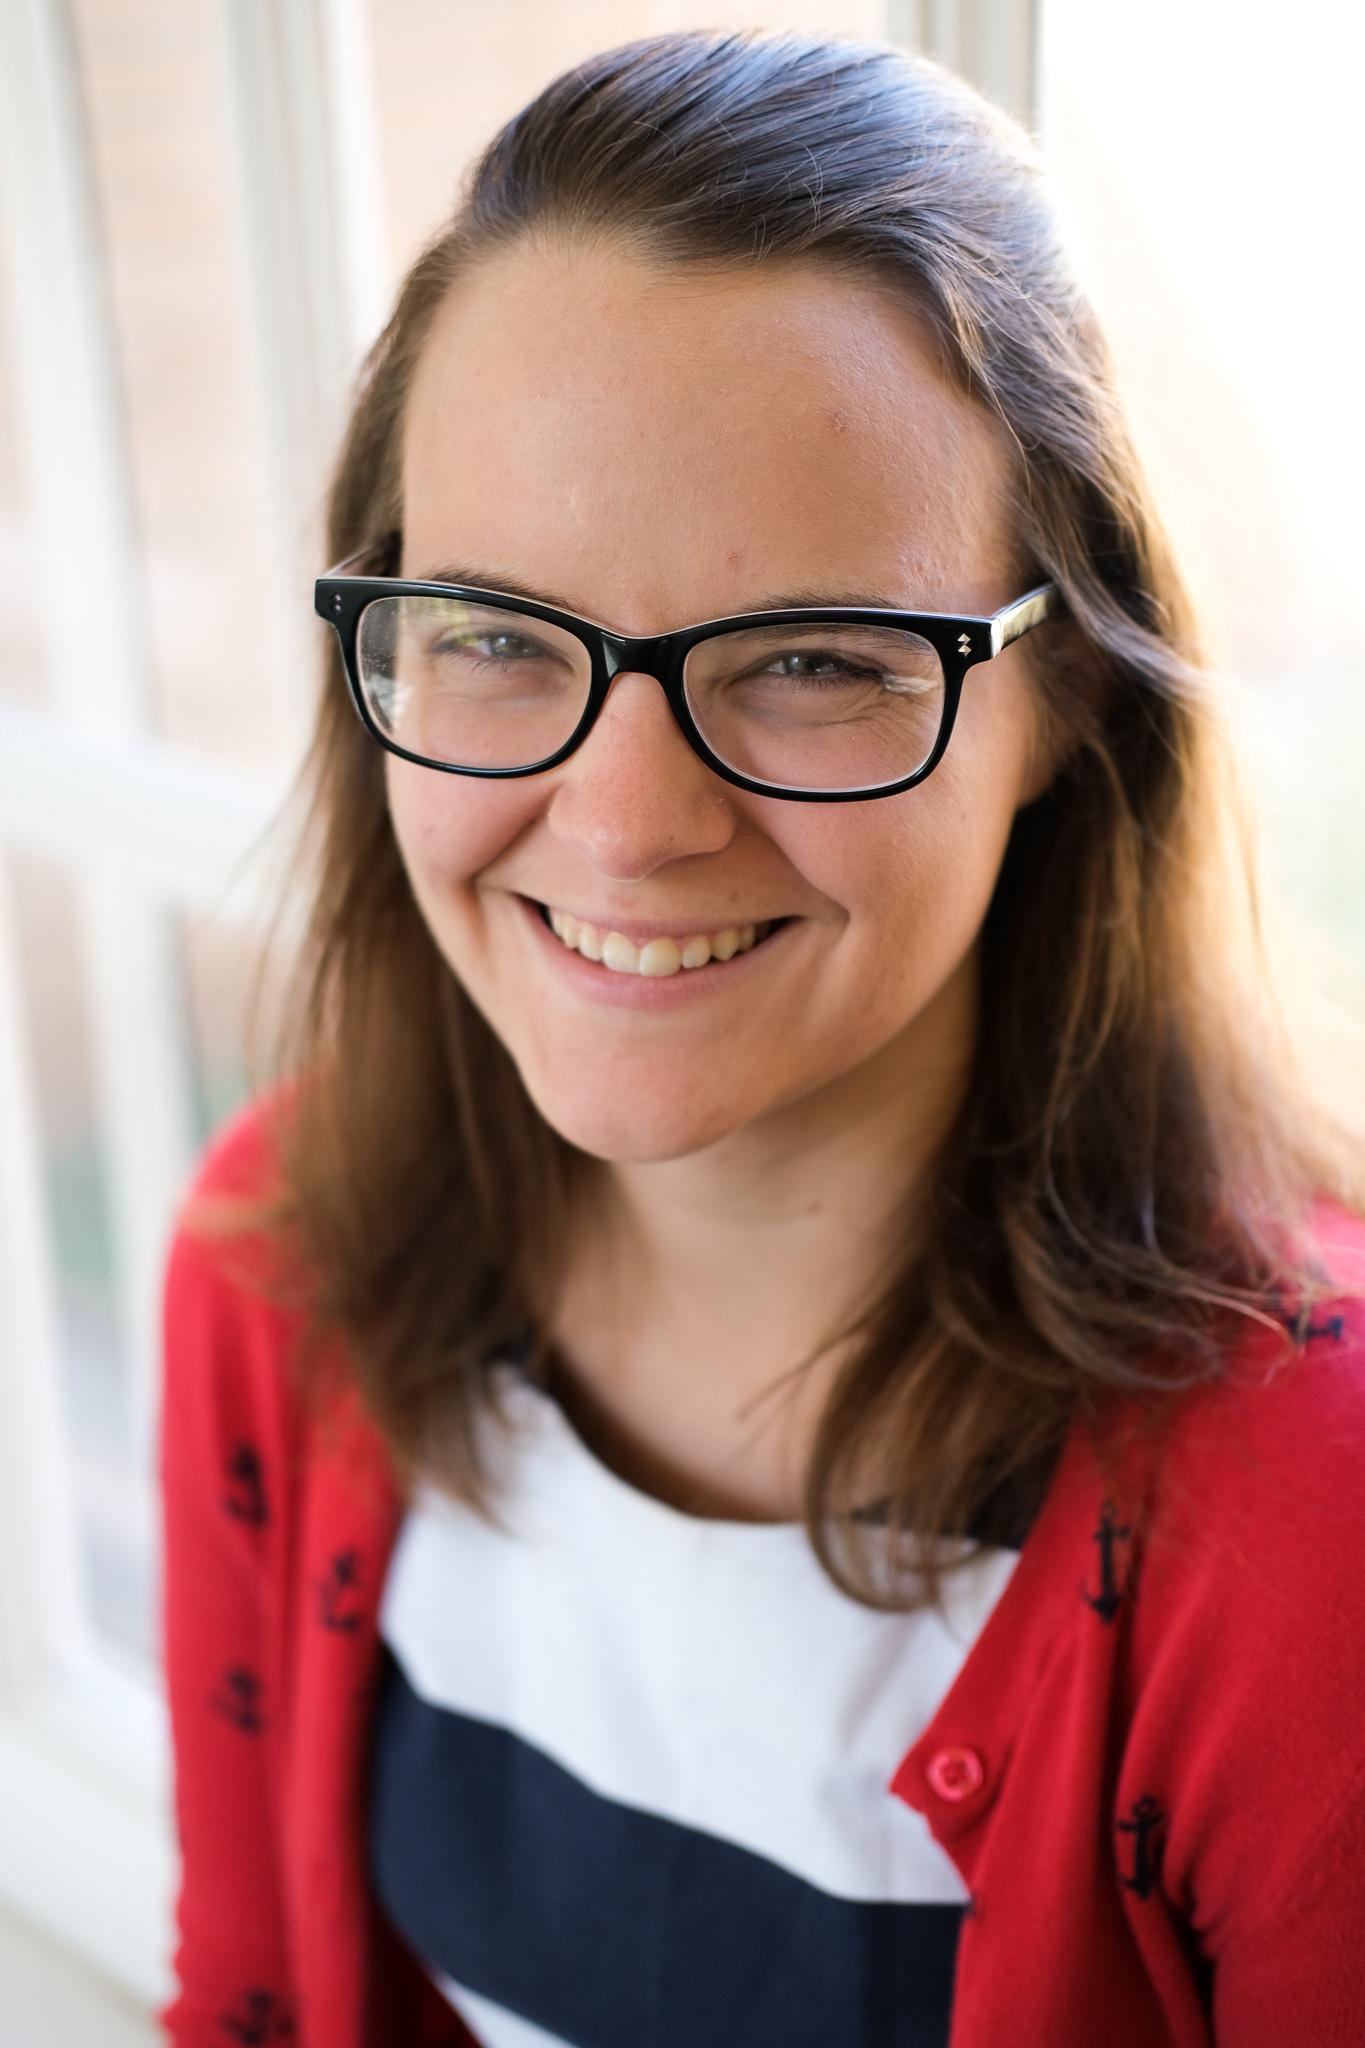 Victoria Morel